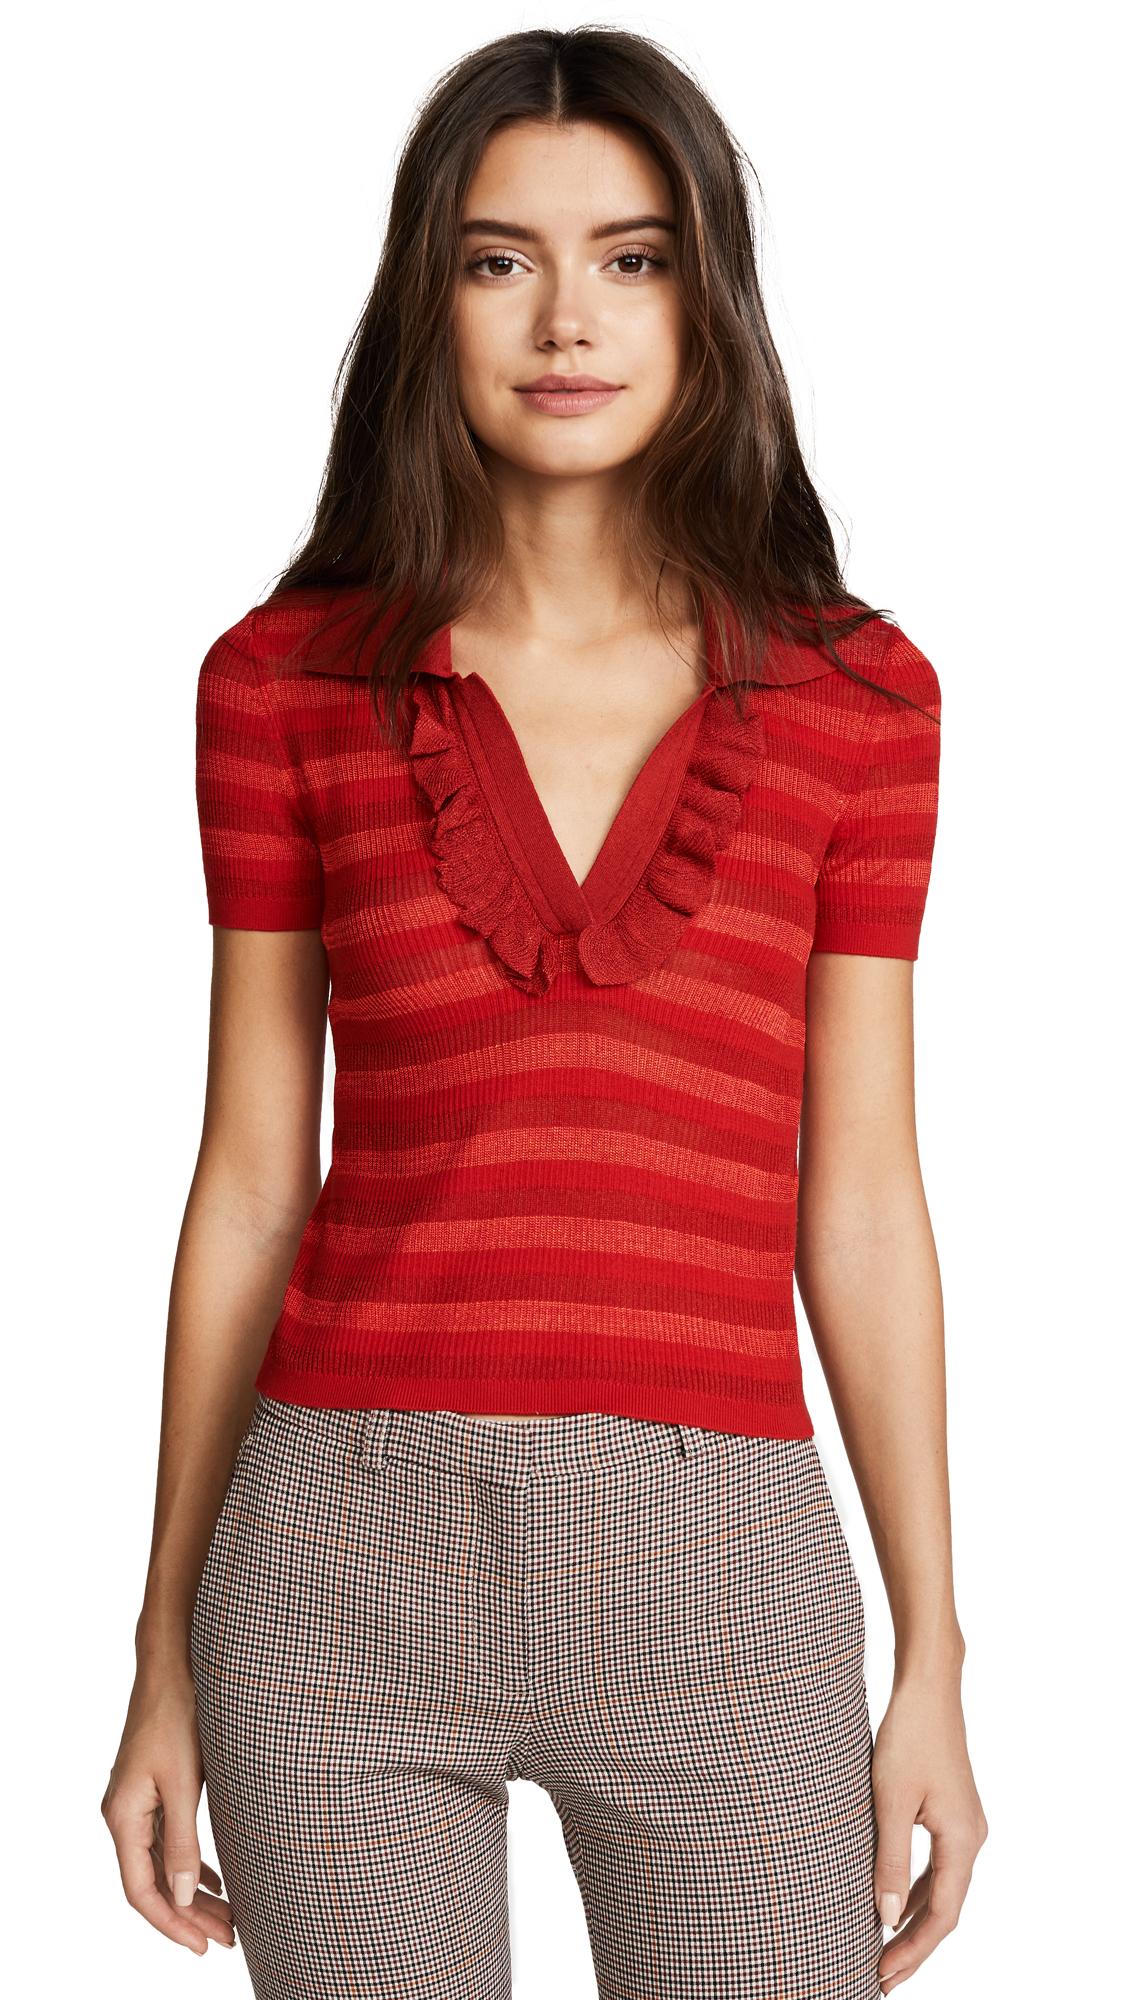 alice + olivia Martha Ruffle Polo Shirt - Poppy